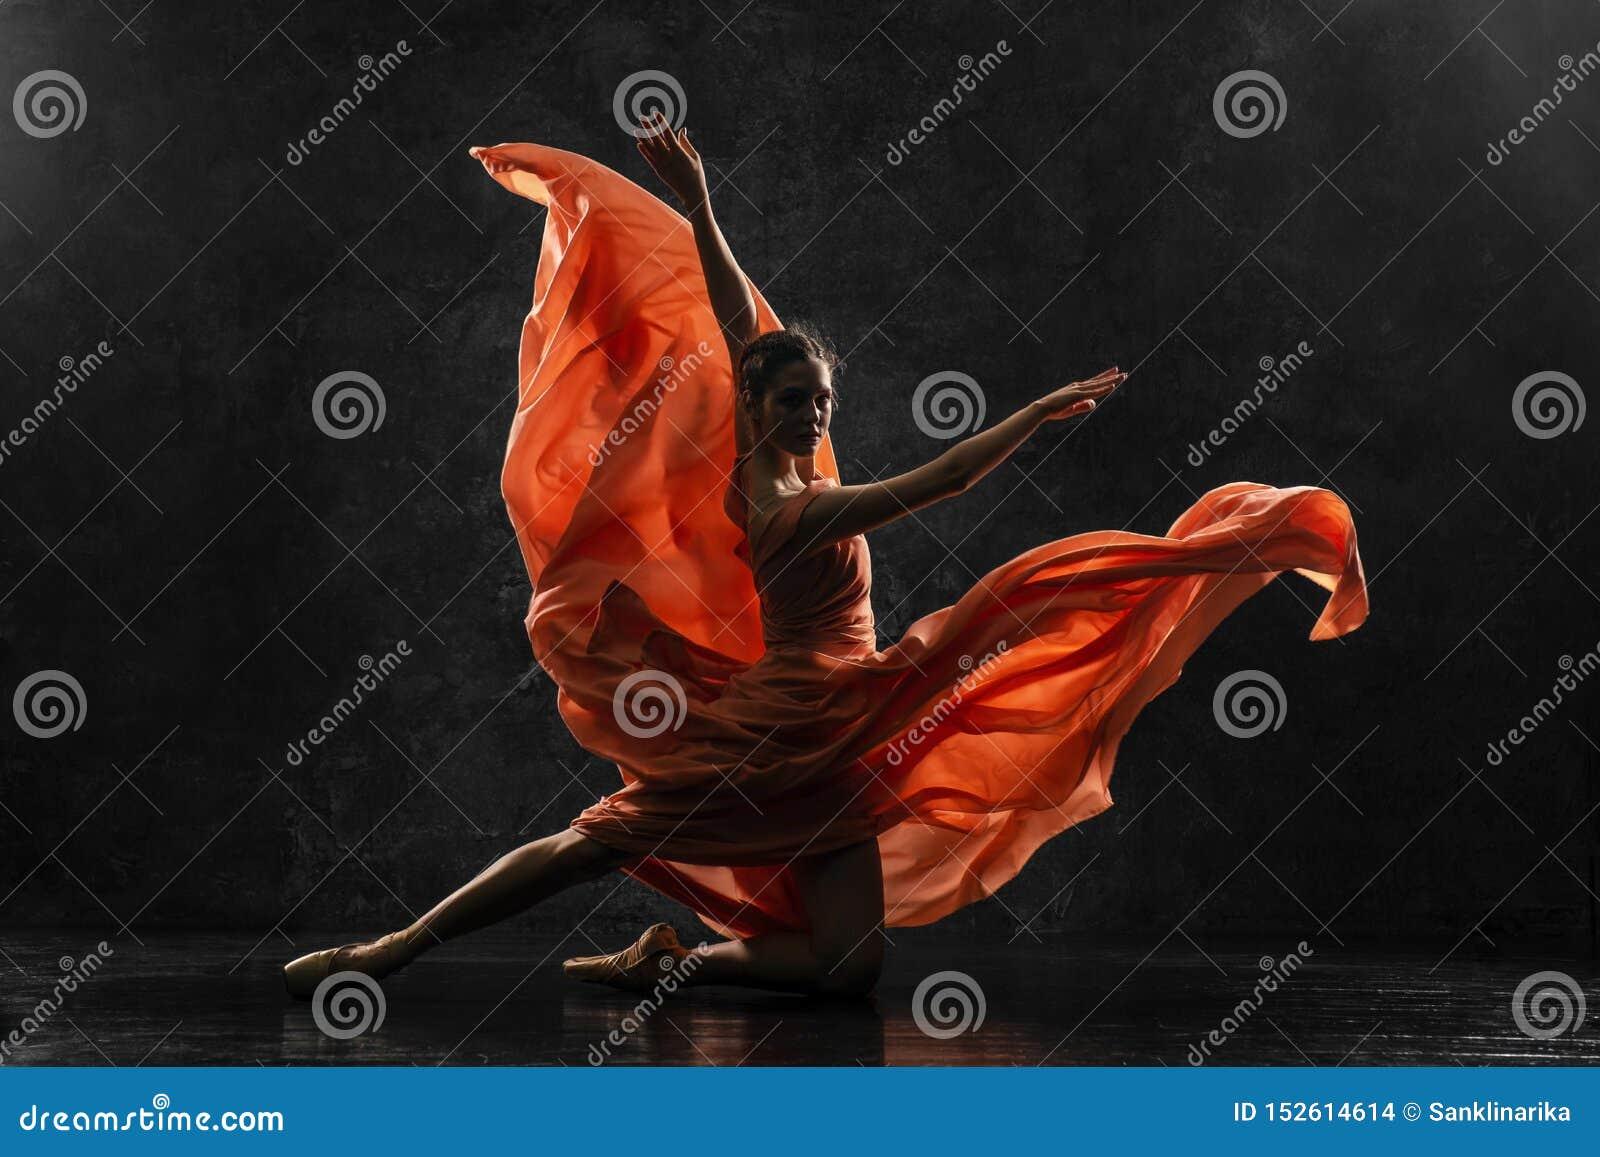 Ballerina demonstriert Tanzfähigkeiten Schönes klassisches Ballett Schattenbildfoto eines jungen Balletttänzers